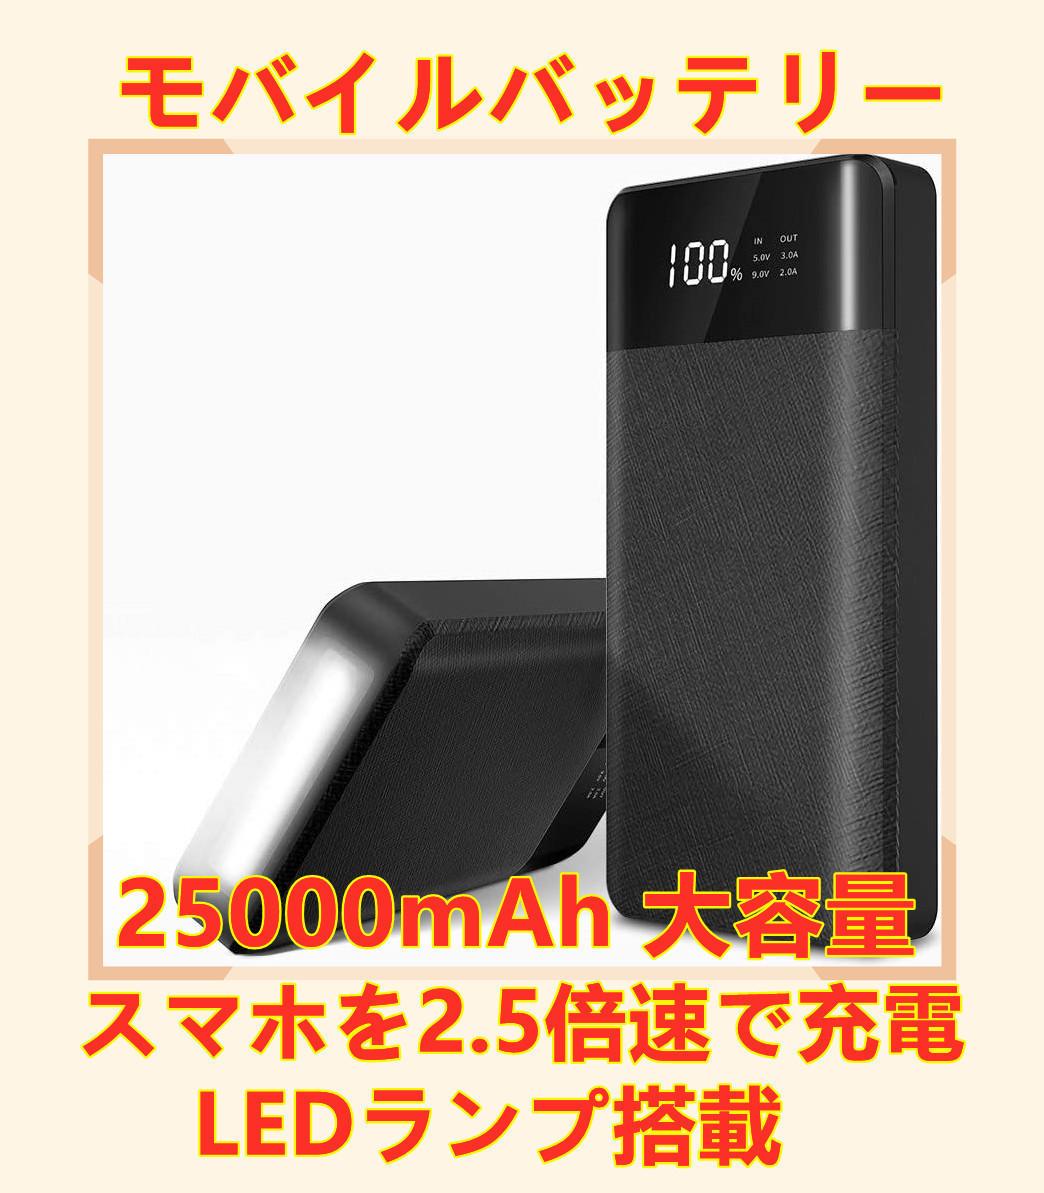 モバイルバッテリー 25000 mAh 大容量【Type-C 入出力/18W急速充電/PD3.0対応/QC3.0対応】軽量 2USBポート3台同時充電 PSE認証済